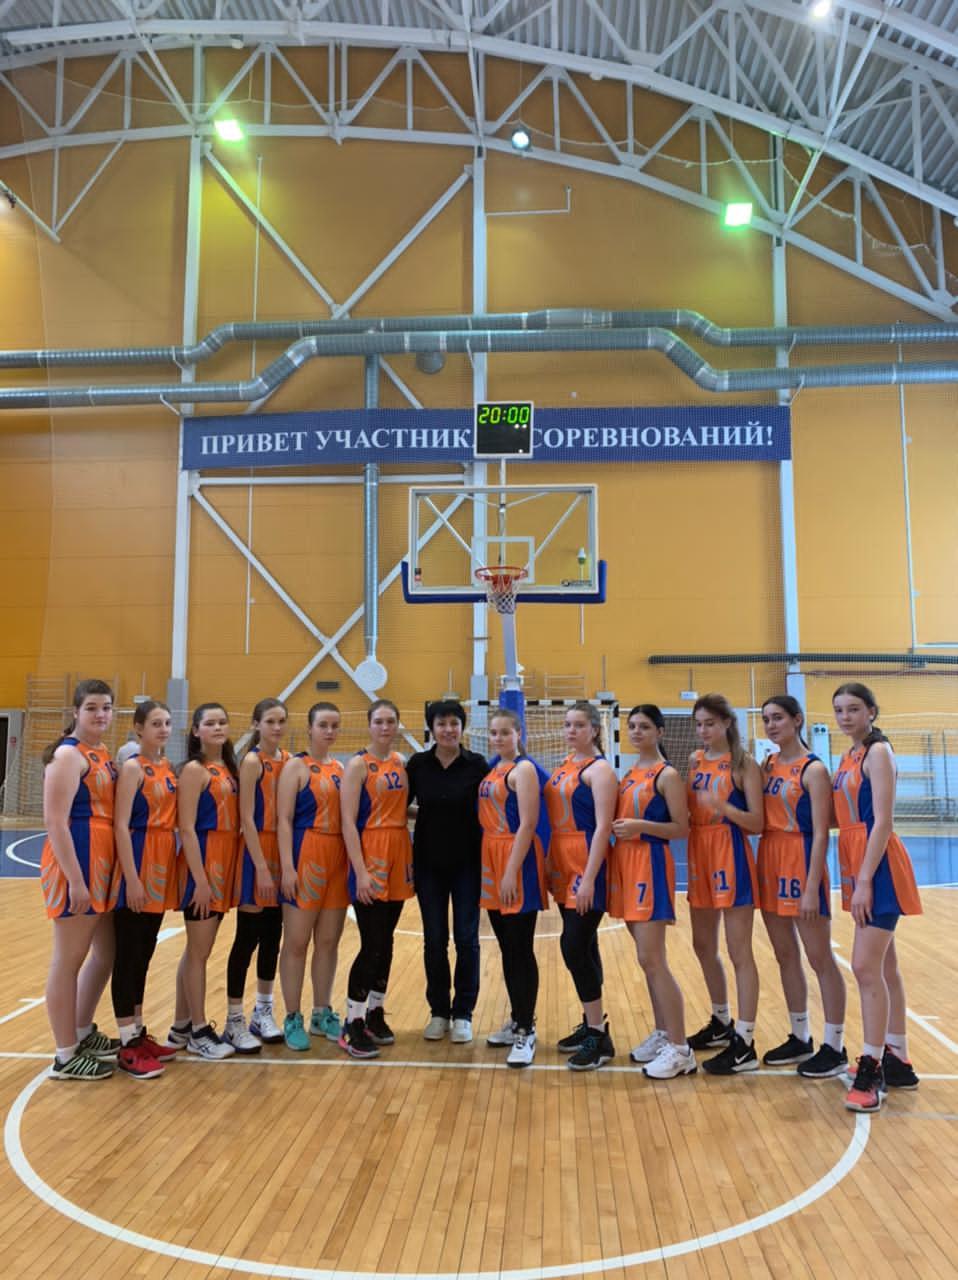 Сборная команда города Сургут - серебряные призеры первенства ХМАО-Югры по баскетболу среди девушек до 16 лет